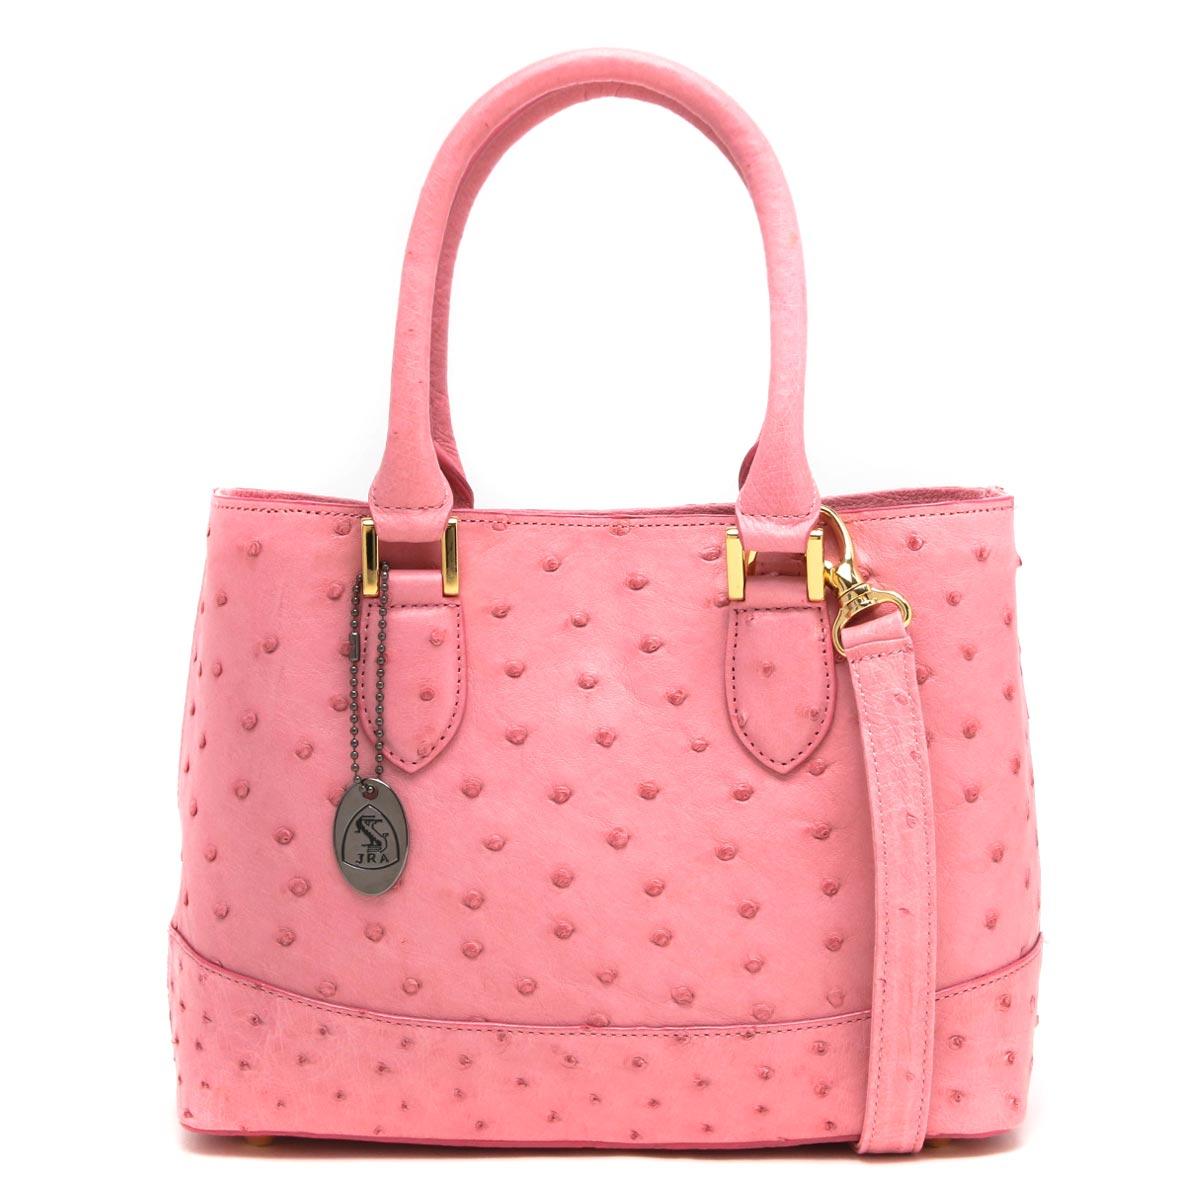 本革 ハンドバッグ/トートバッグ/ショルダーバッグ バッグ レディース オーストリッチ ピンク CROB312 PNK Leather